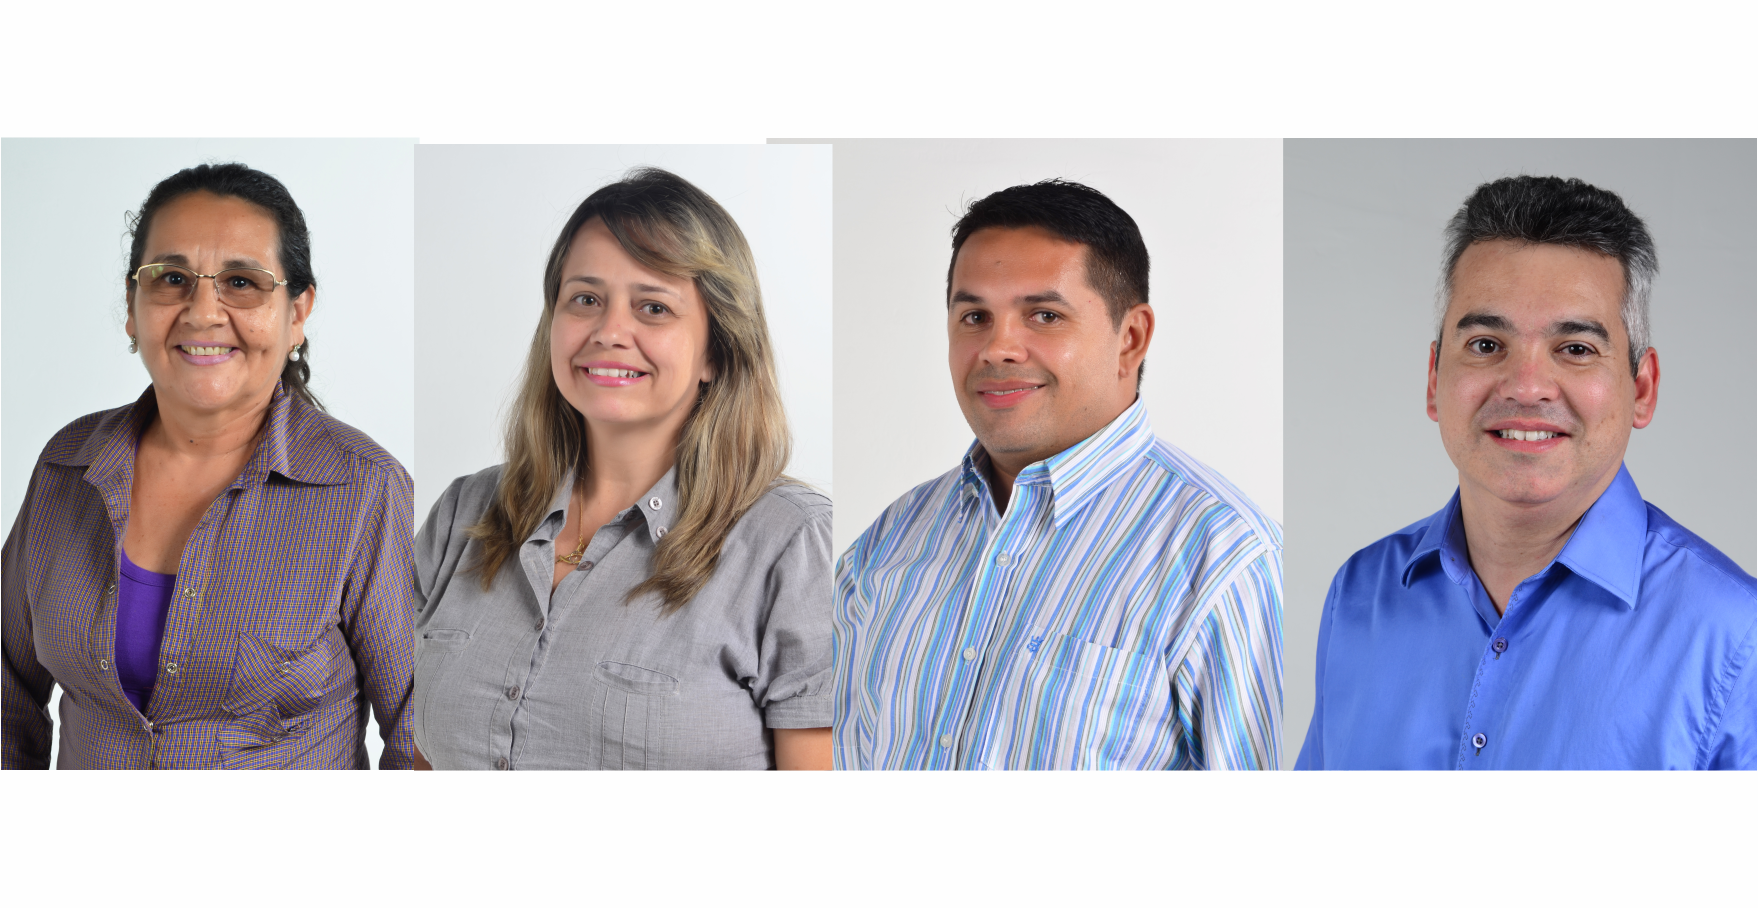 Entrevista com representantes do corpo docente da UNICATÓLICA